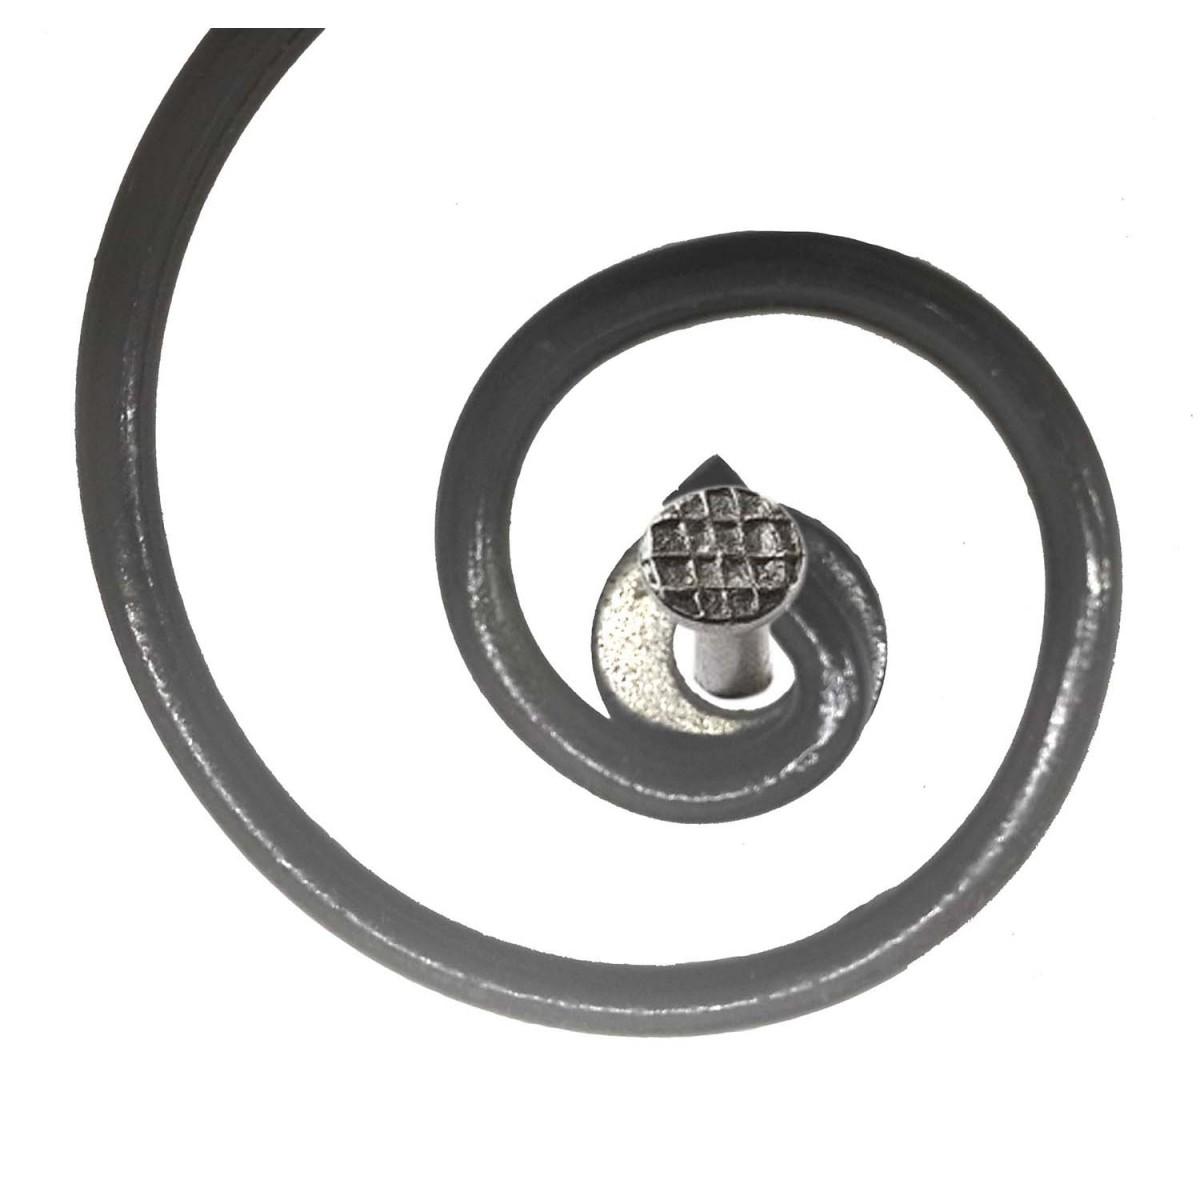 Gancho de Metal Duplo Para Bone Chapeu Enfeite Arara Vermelha Pendura Kit Com 2 (pt-c-j)